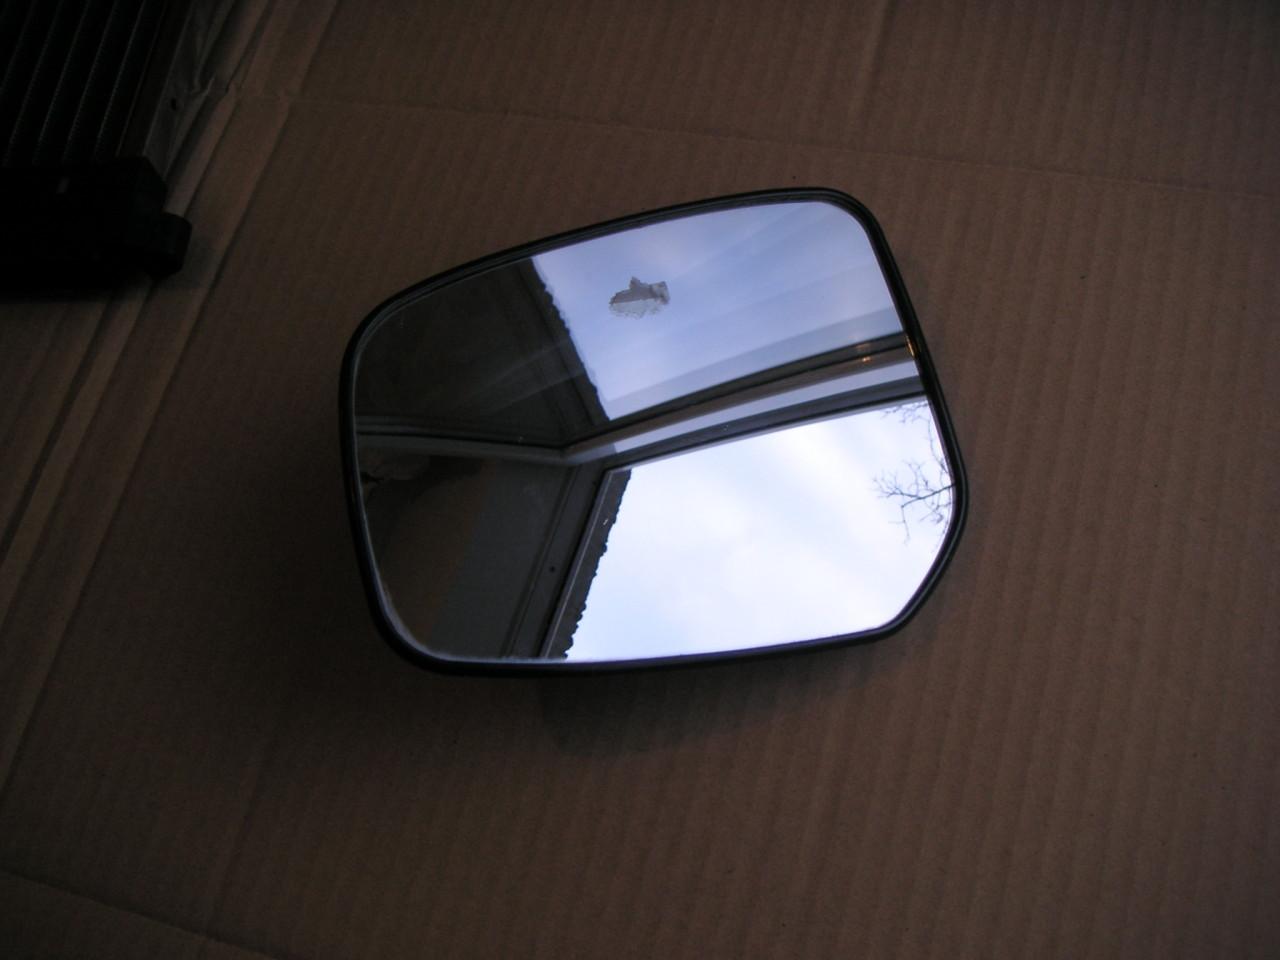 Sticla oglinda exterioara dreapta Toyota Auris (2007-2010) Yaris II 2 (2006-2011)